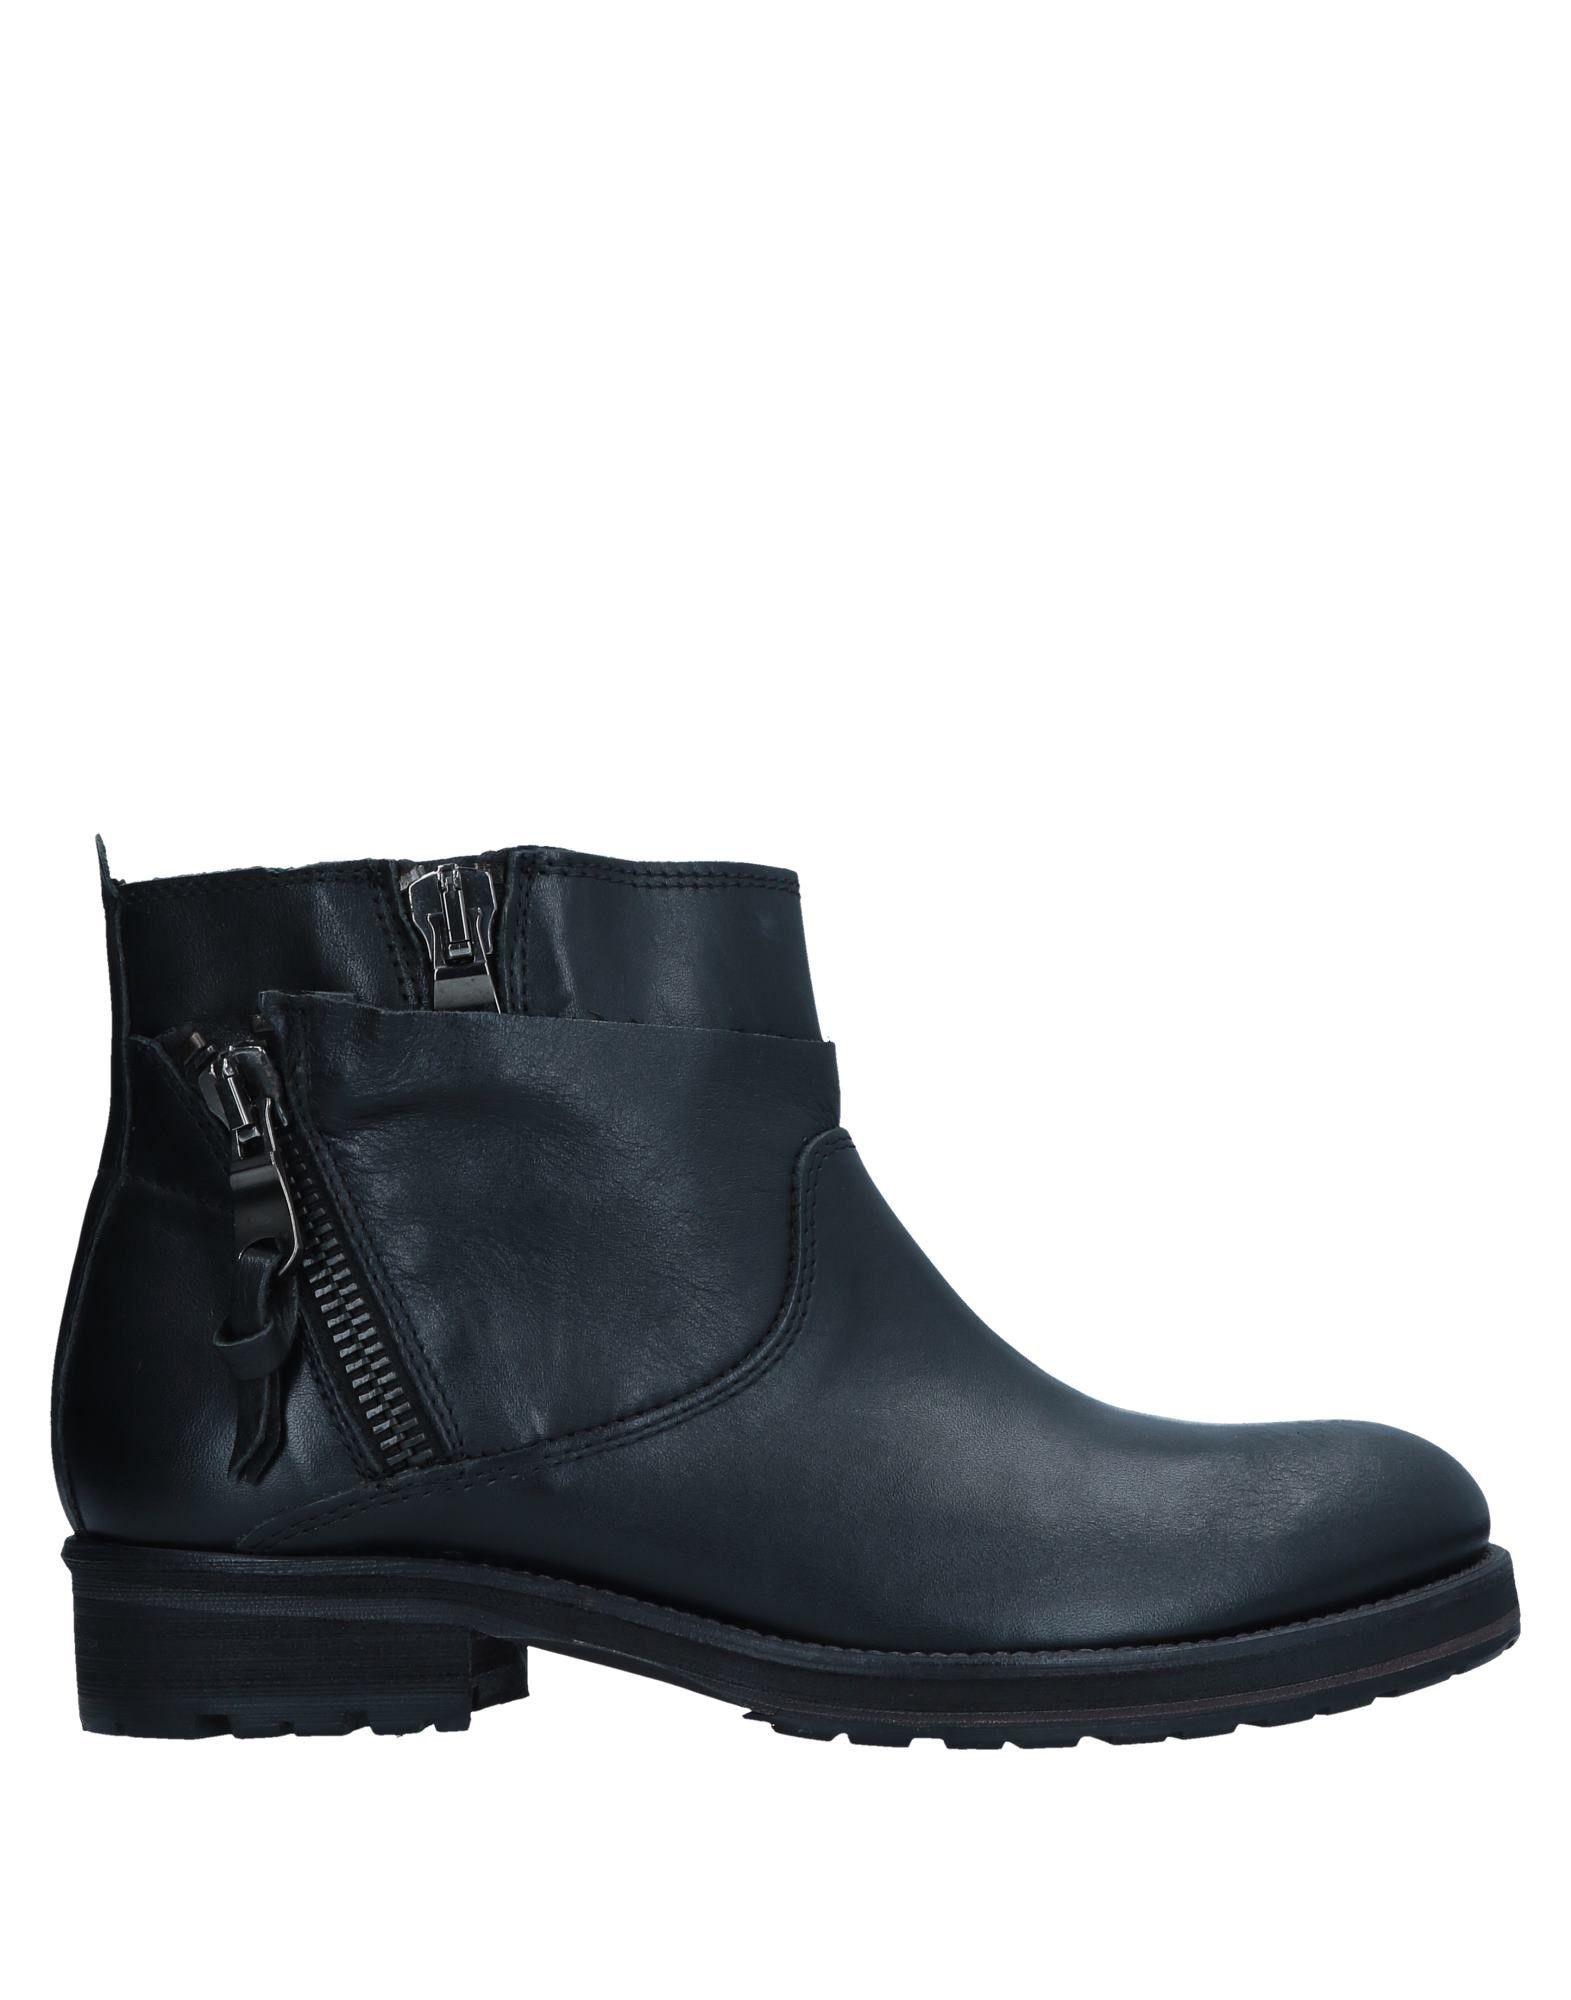 Keb Stiefelette Damen  11525171KW Gute Qualität beliebte Schuhe